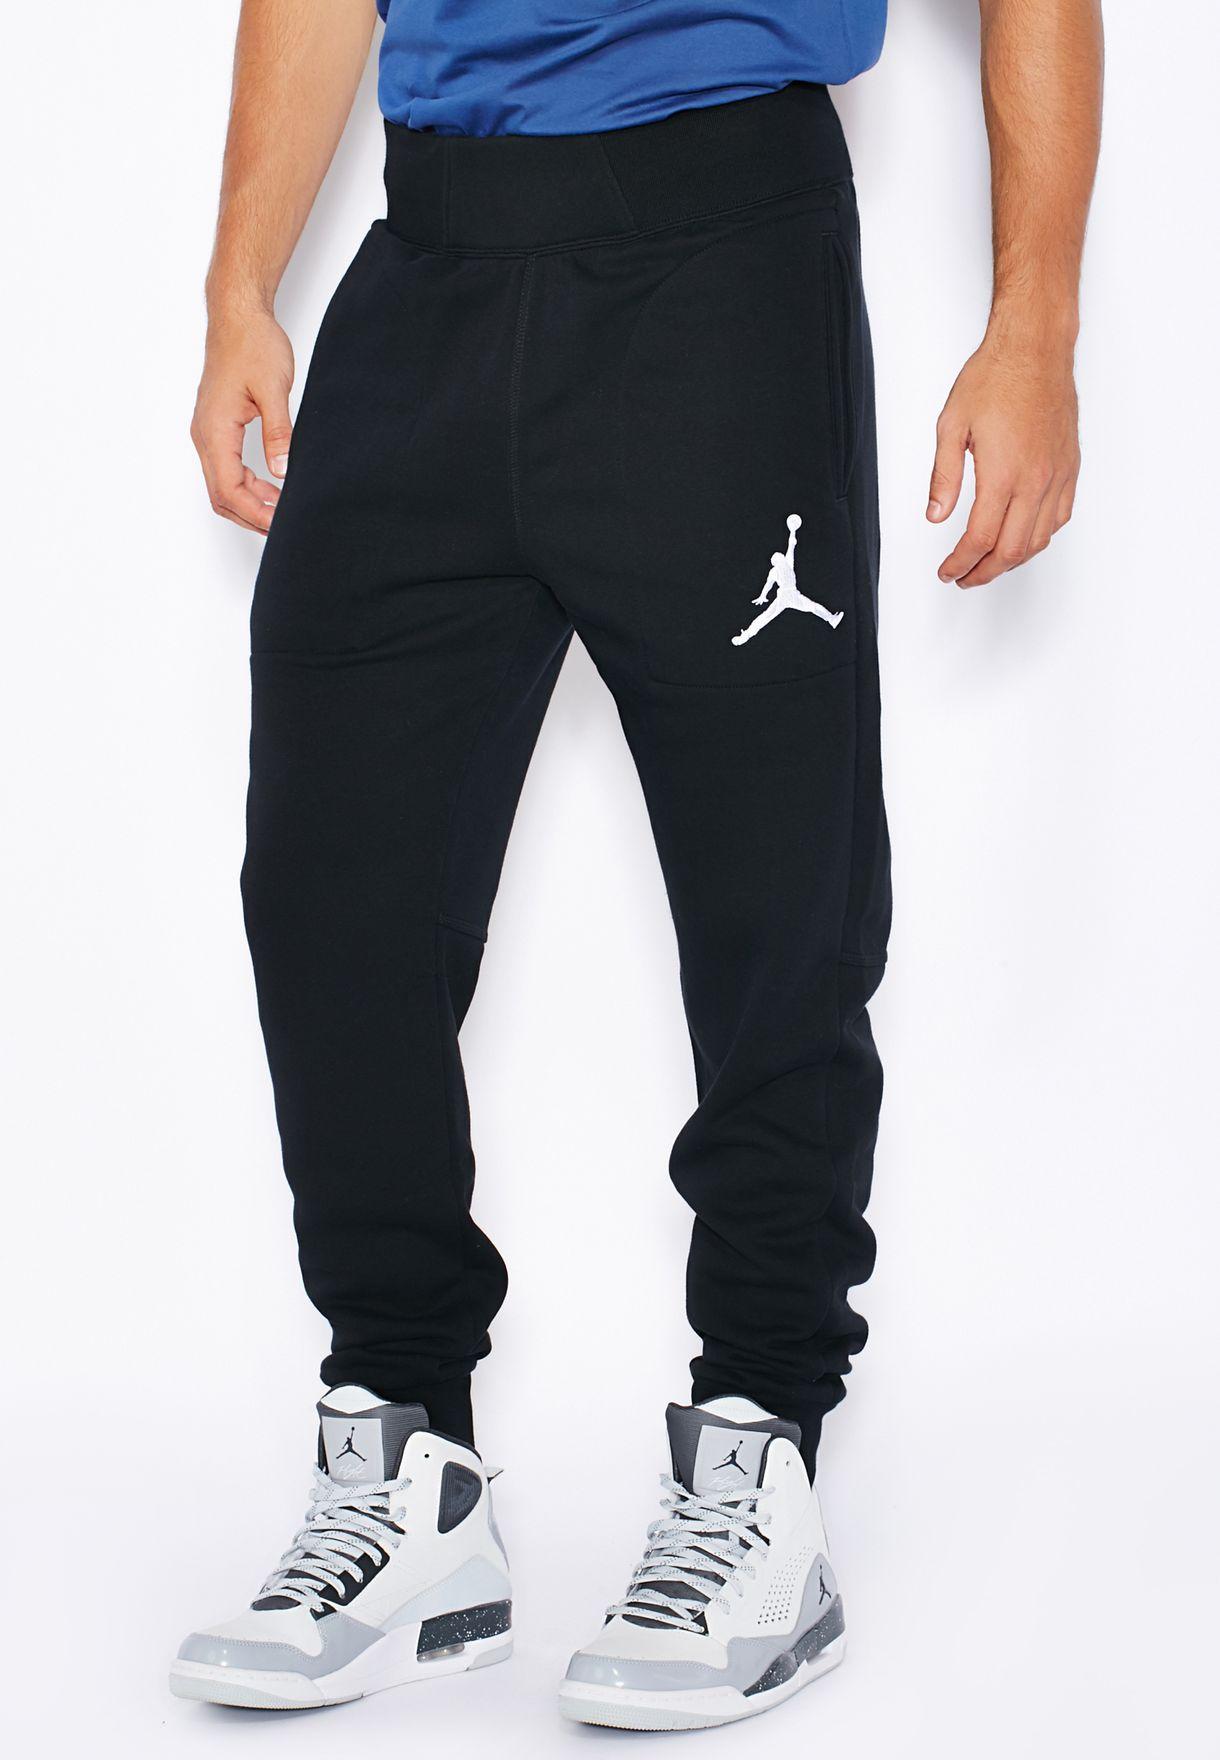 2c1aea0dcb3277 Shop Nike black Jordan Varsity Sweatpants 689016-010 for Men in UAE ...